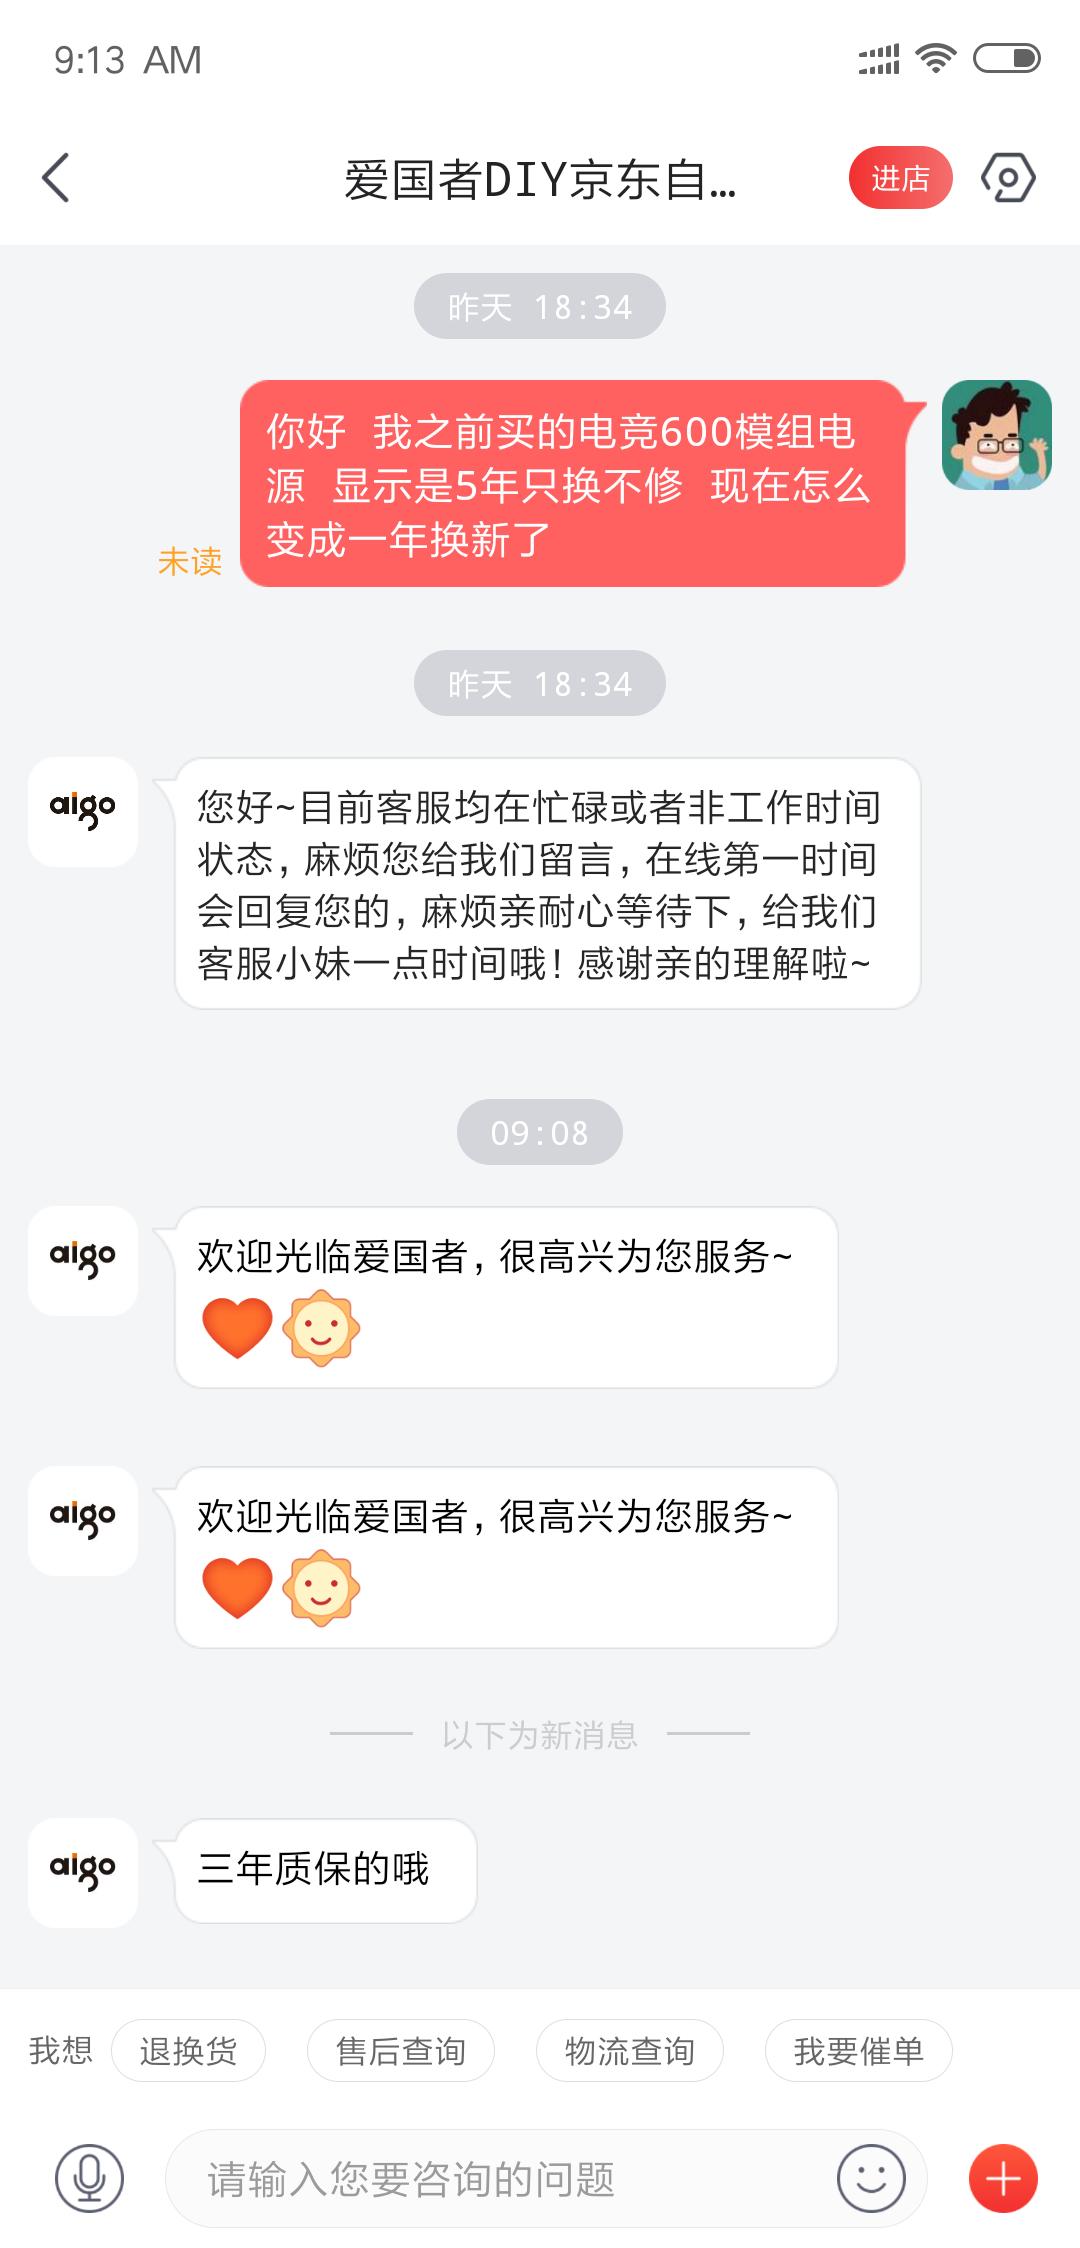 Screenshot_2019-03-12-09-13-40-108_com.jingdong.a.png